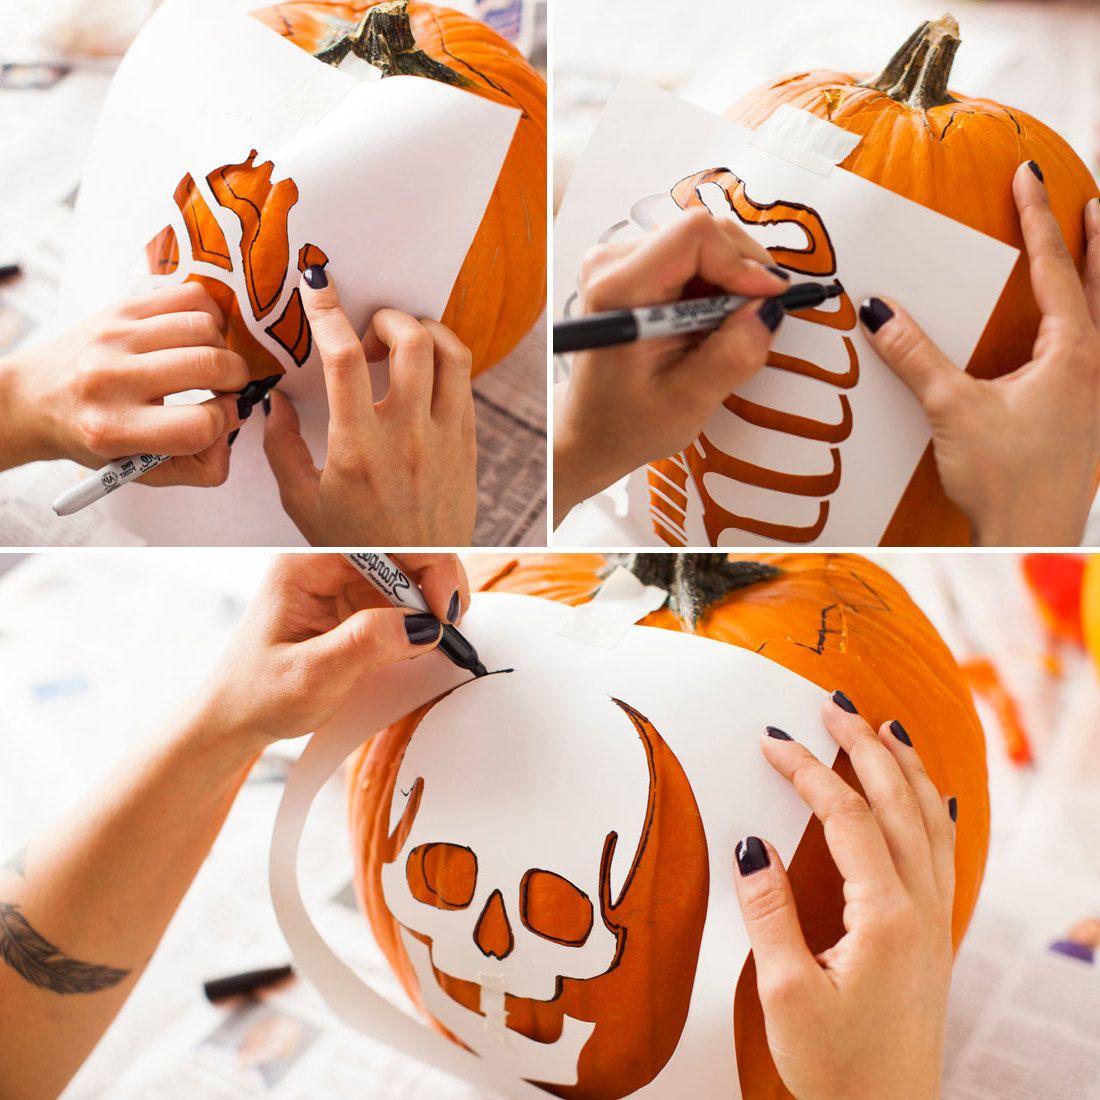 40 Kostenlose Kürbis Vorlagen Zum Ausdrucken + Schnitzen für Halloween Kürbis Vorlagen Zum Ausdrucken